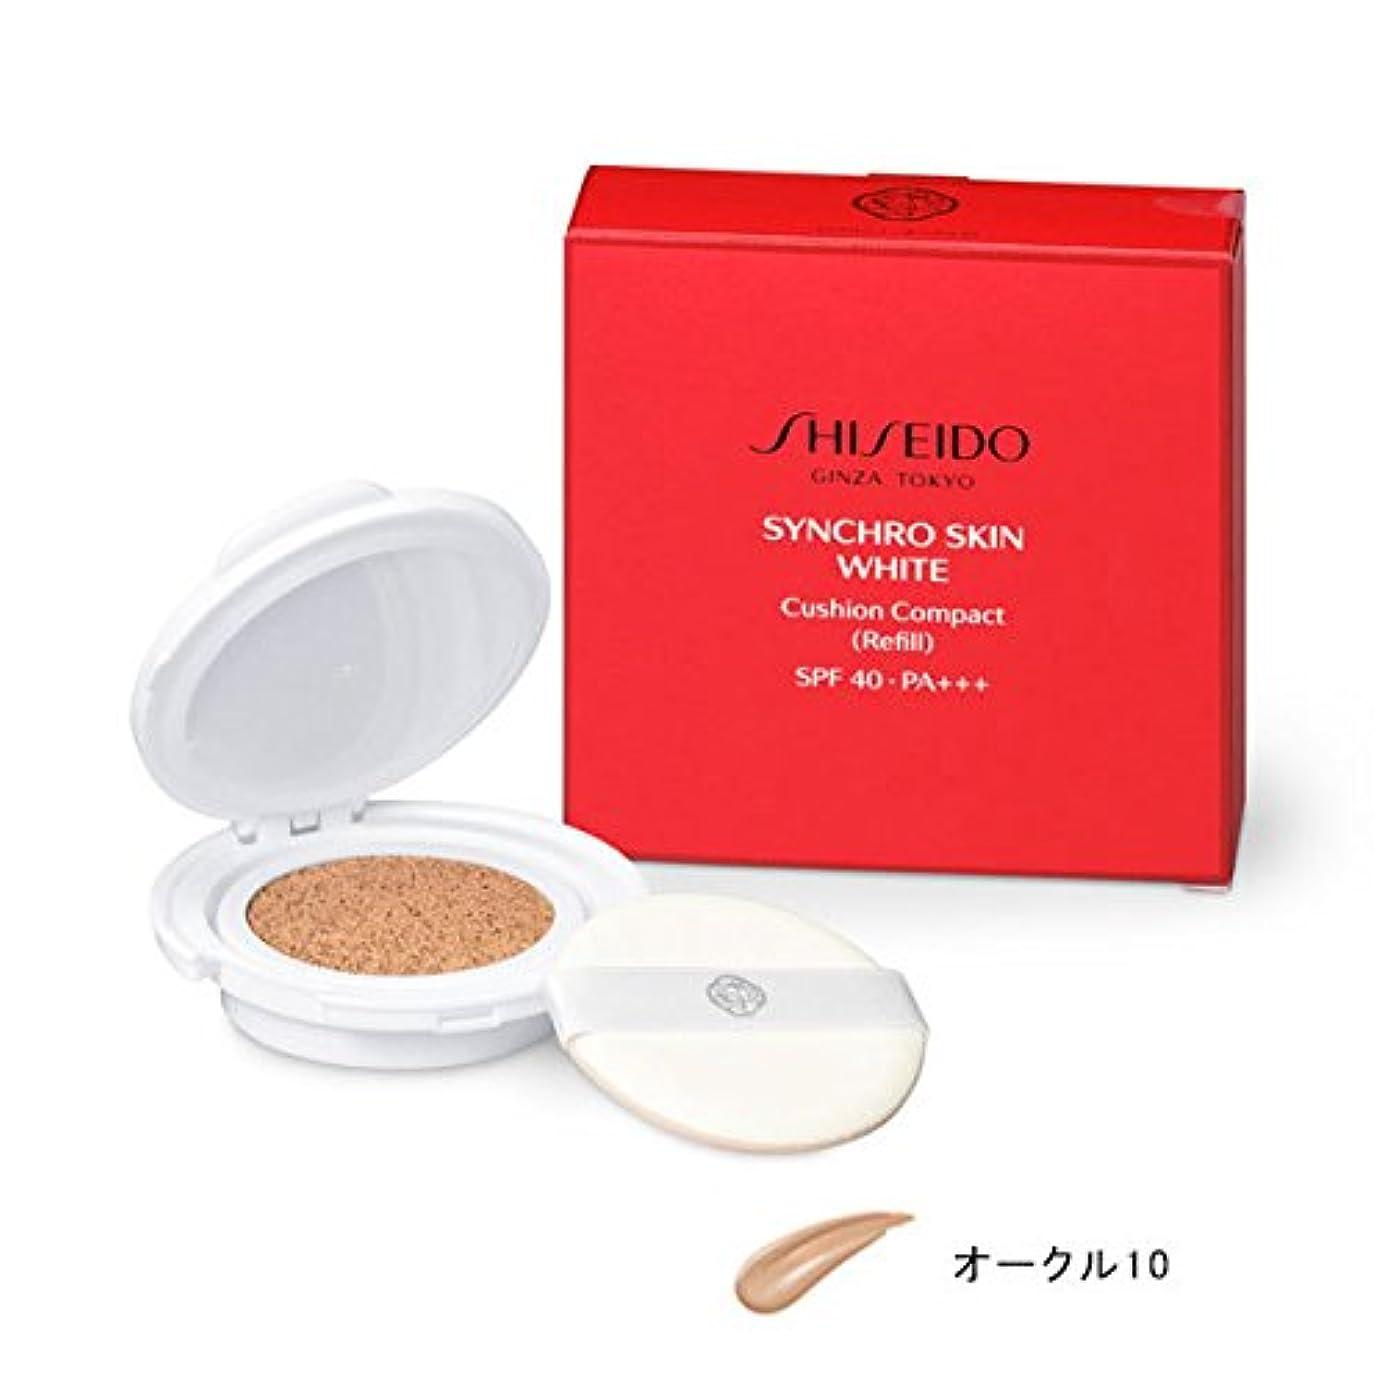 シュリンク馬力ファイターSHISEIDO Makeup(資生堂 メーキャップ) SHISEIDO(資生堂) シンクロスキン ホワイト クッションコンパクト WT レフィル(医薬部外品) (オークル10)